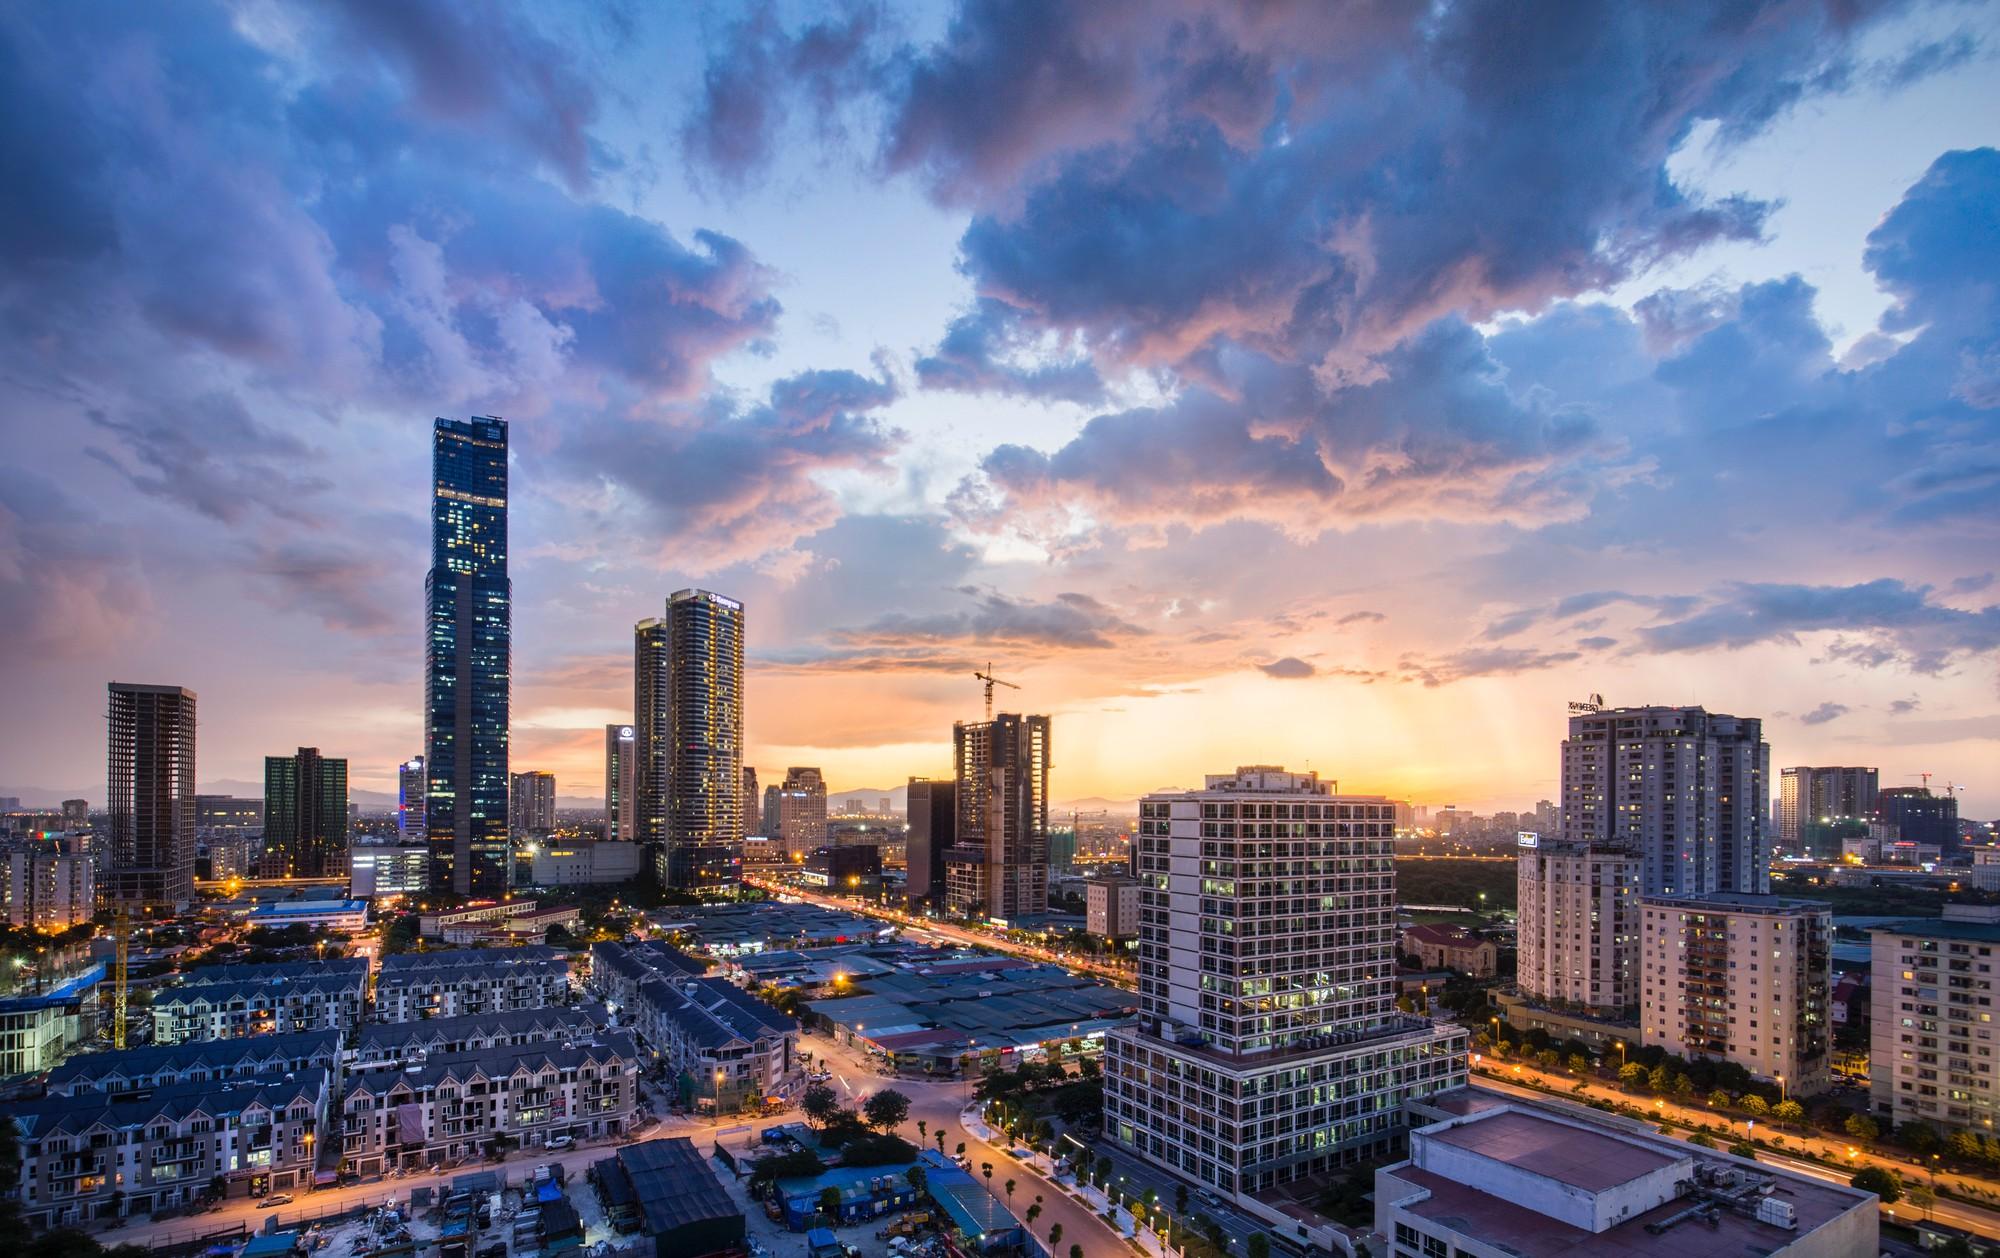 Hộ chiếu Việt Nam ngậm ngùi đứng vị trí 10/11 về độ quyền lực trong khu vực Đông Nam Á - Ảnh 1.